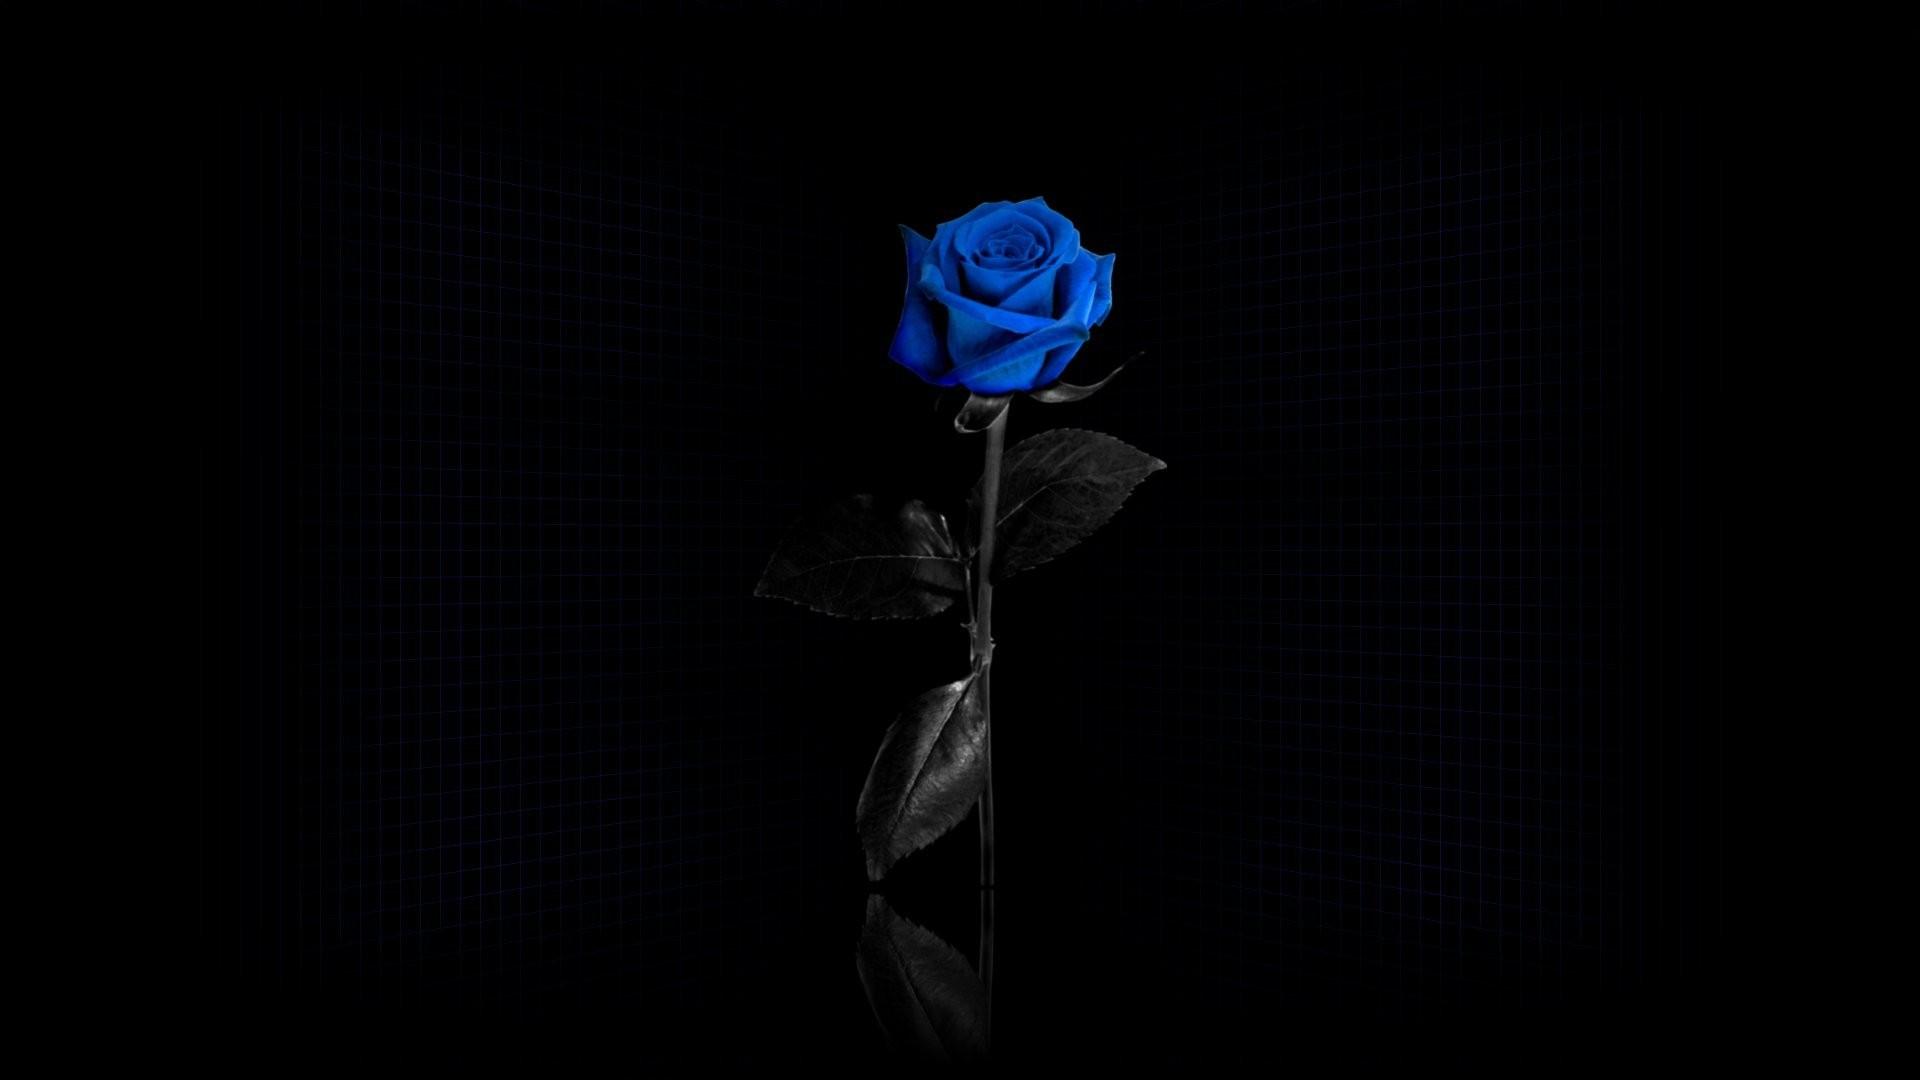 белые розы на черном фоне обои на рабочий стол № 133707 без смс